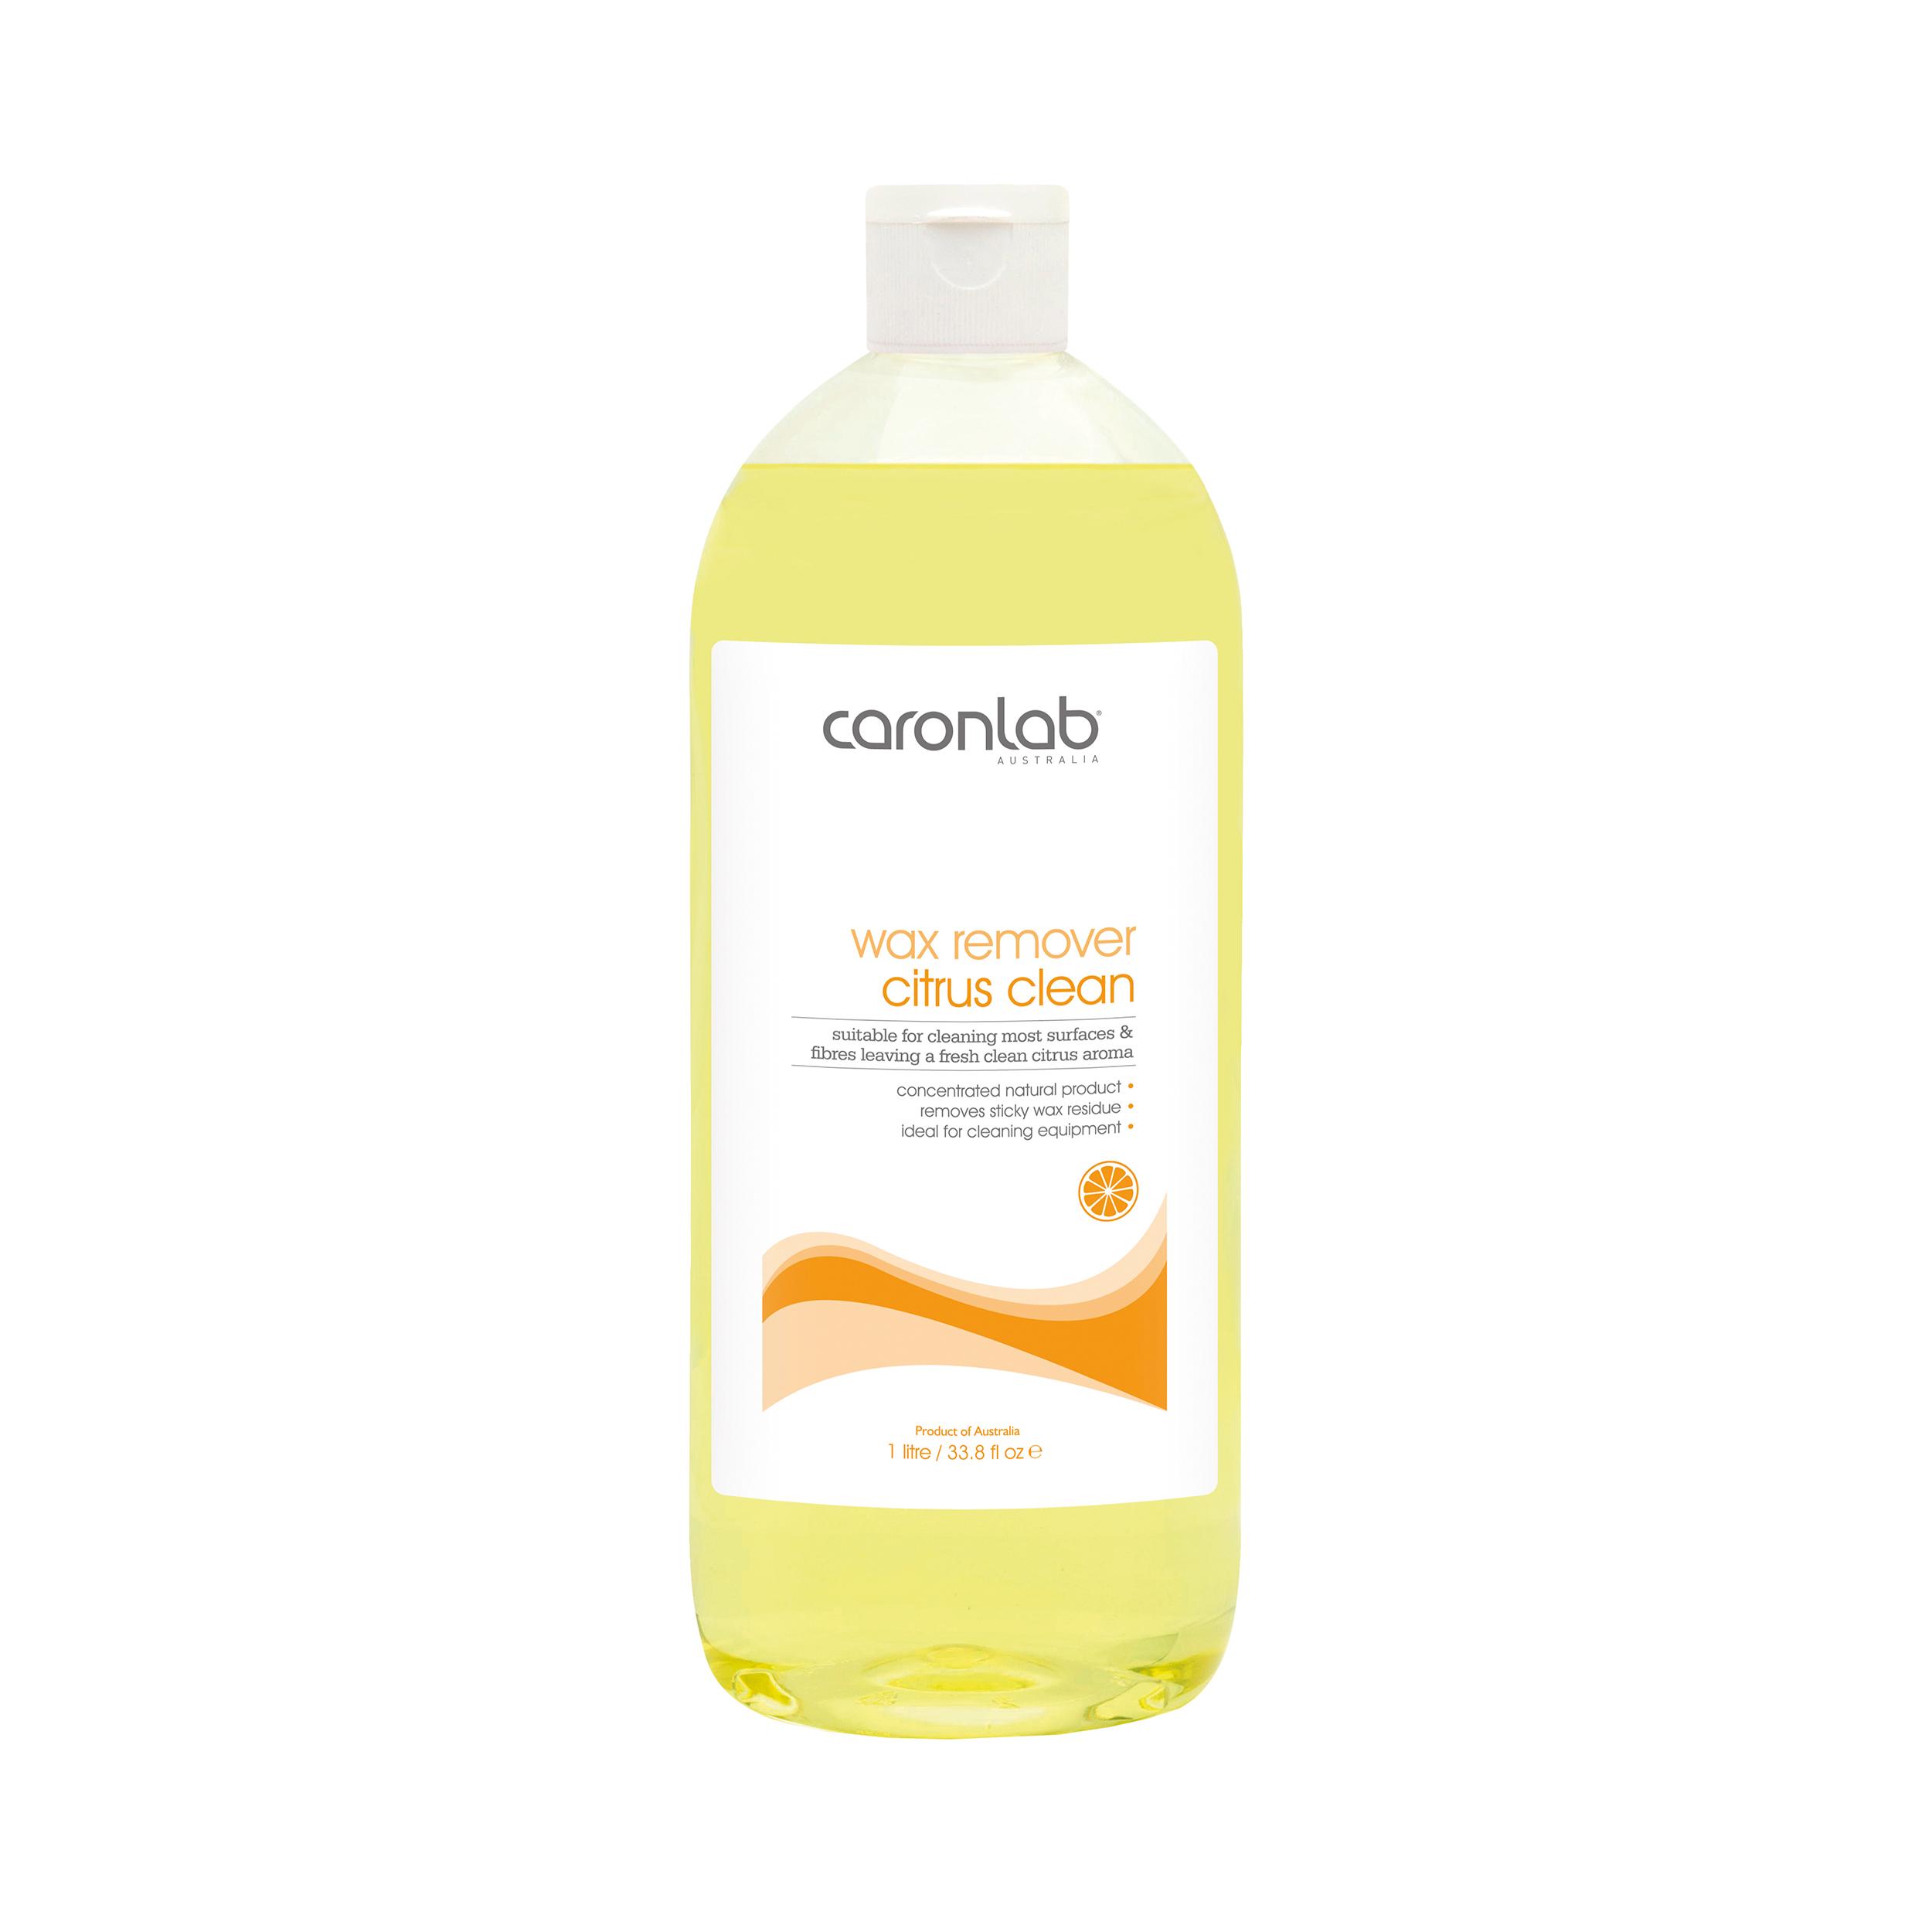 خرید                      محلول پاک کننده موم وکس کارنلب دل Citrus Clean حجم 1000 میلی لیتر              ✅